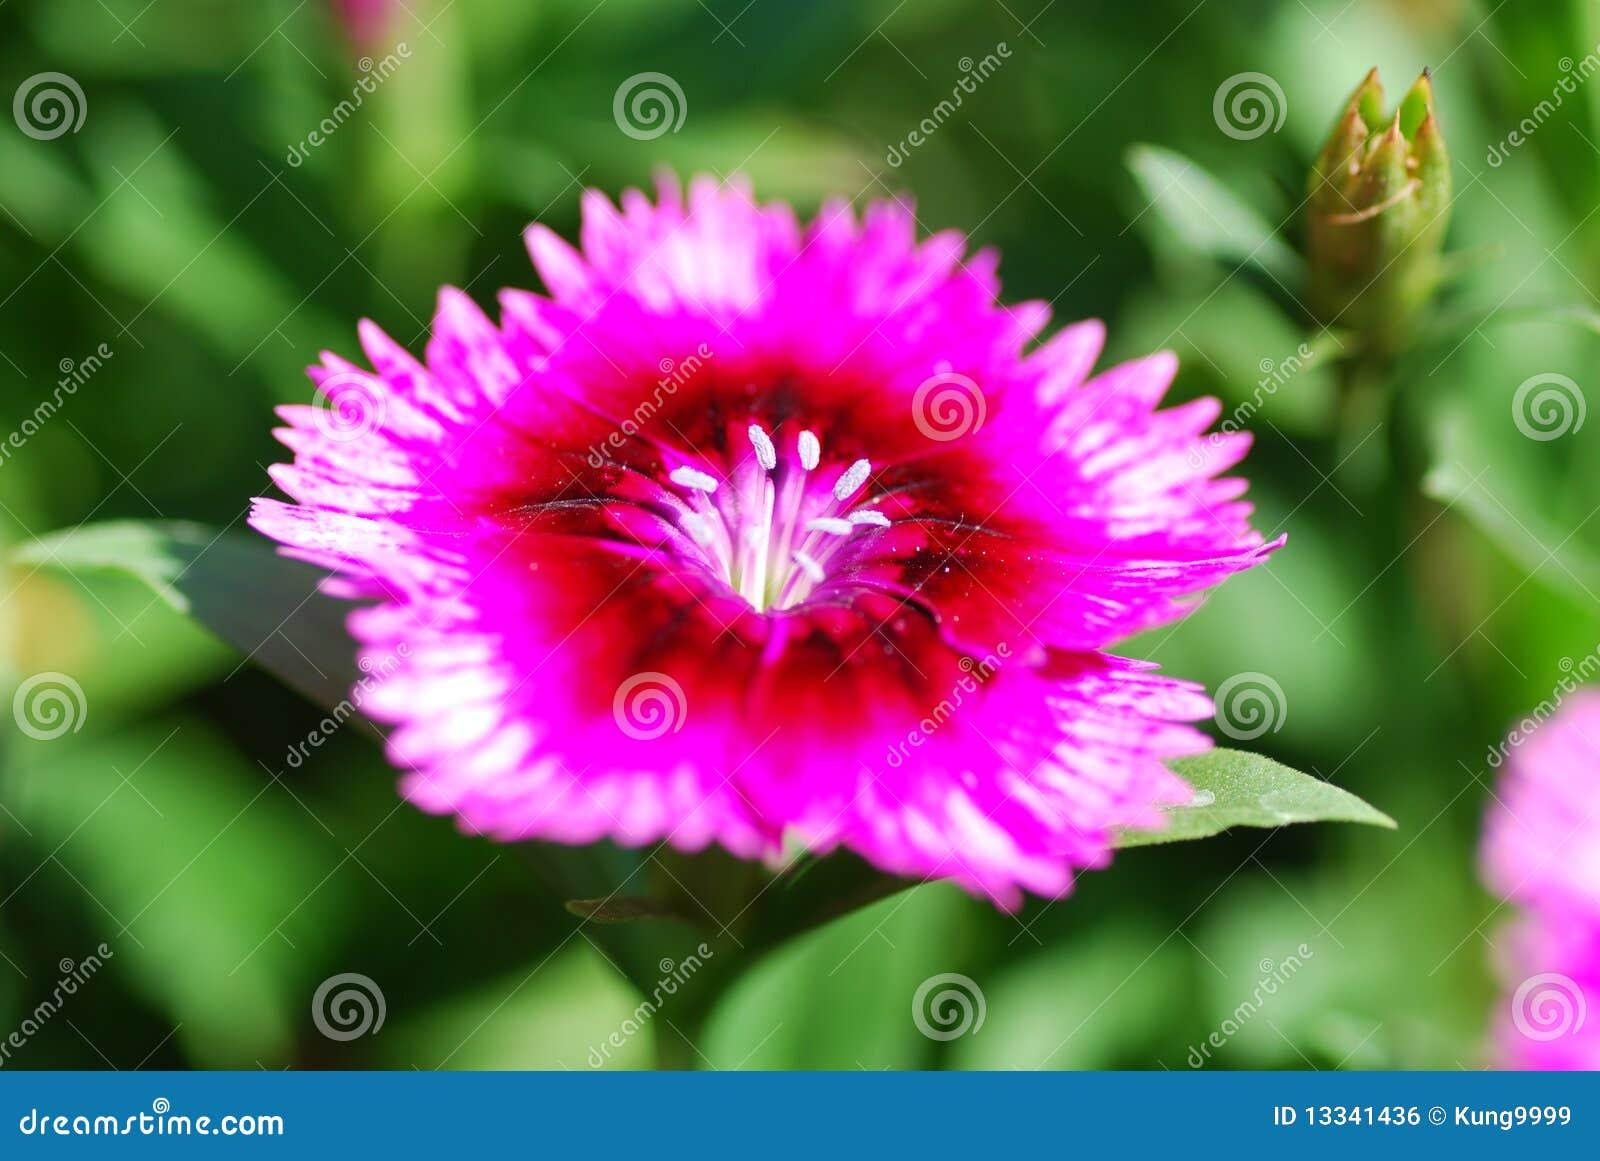 Kwiat dianthus kwiat